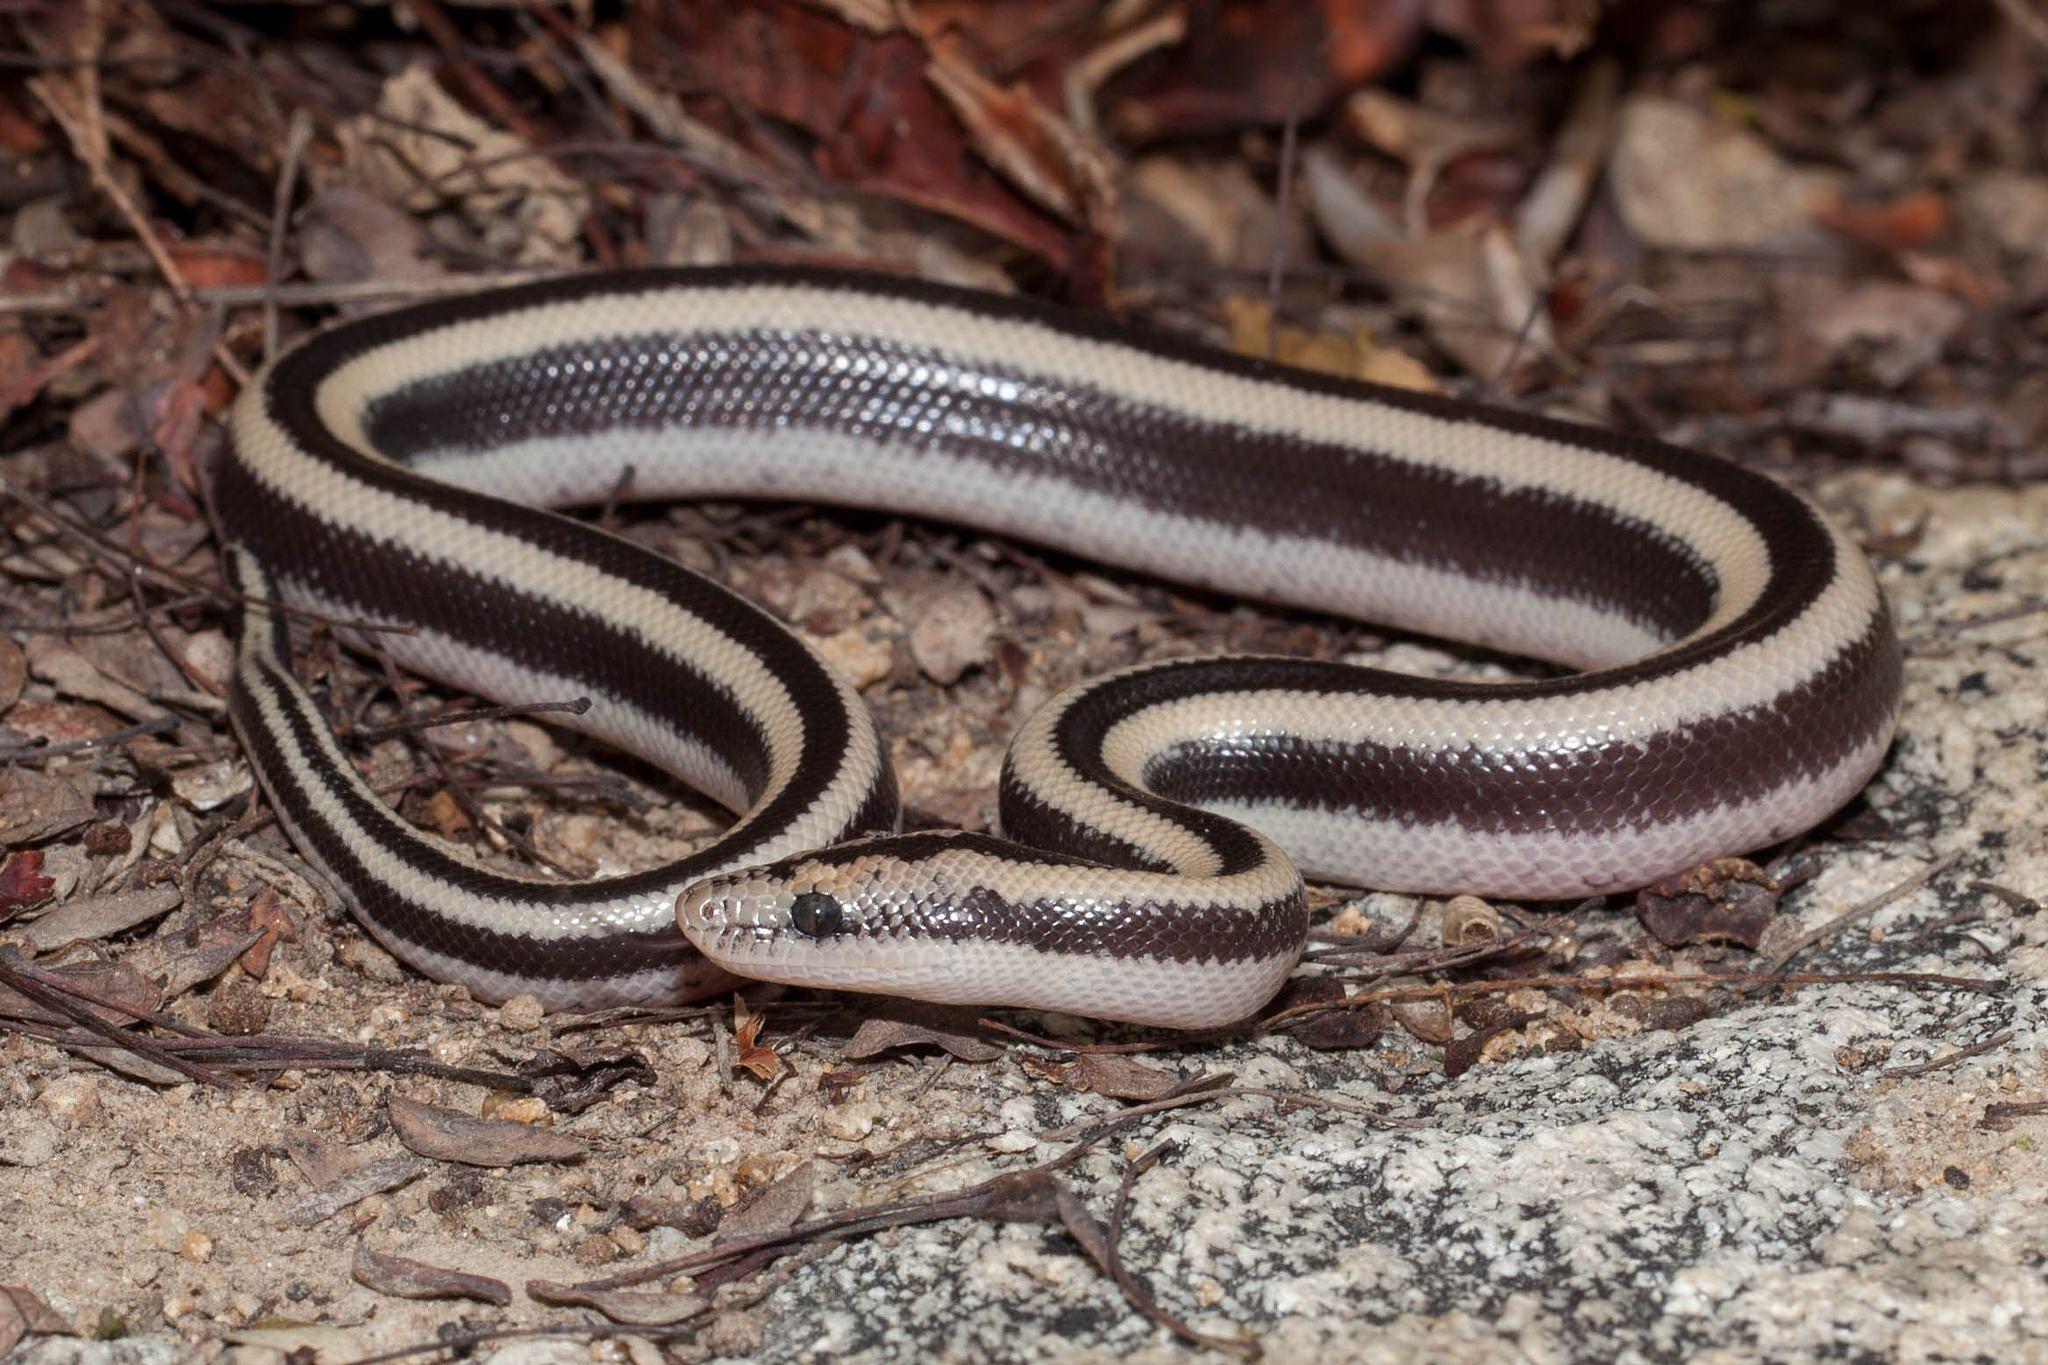 Lichanura trivirgata [Rosy Boa] Rosy boa, Boas, Snake